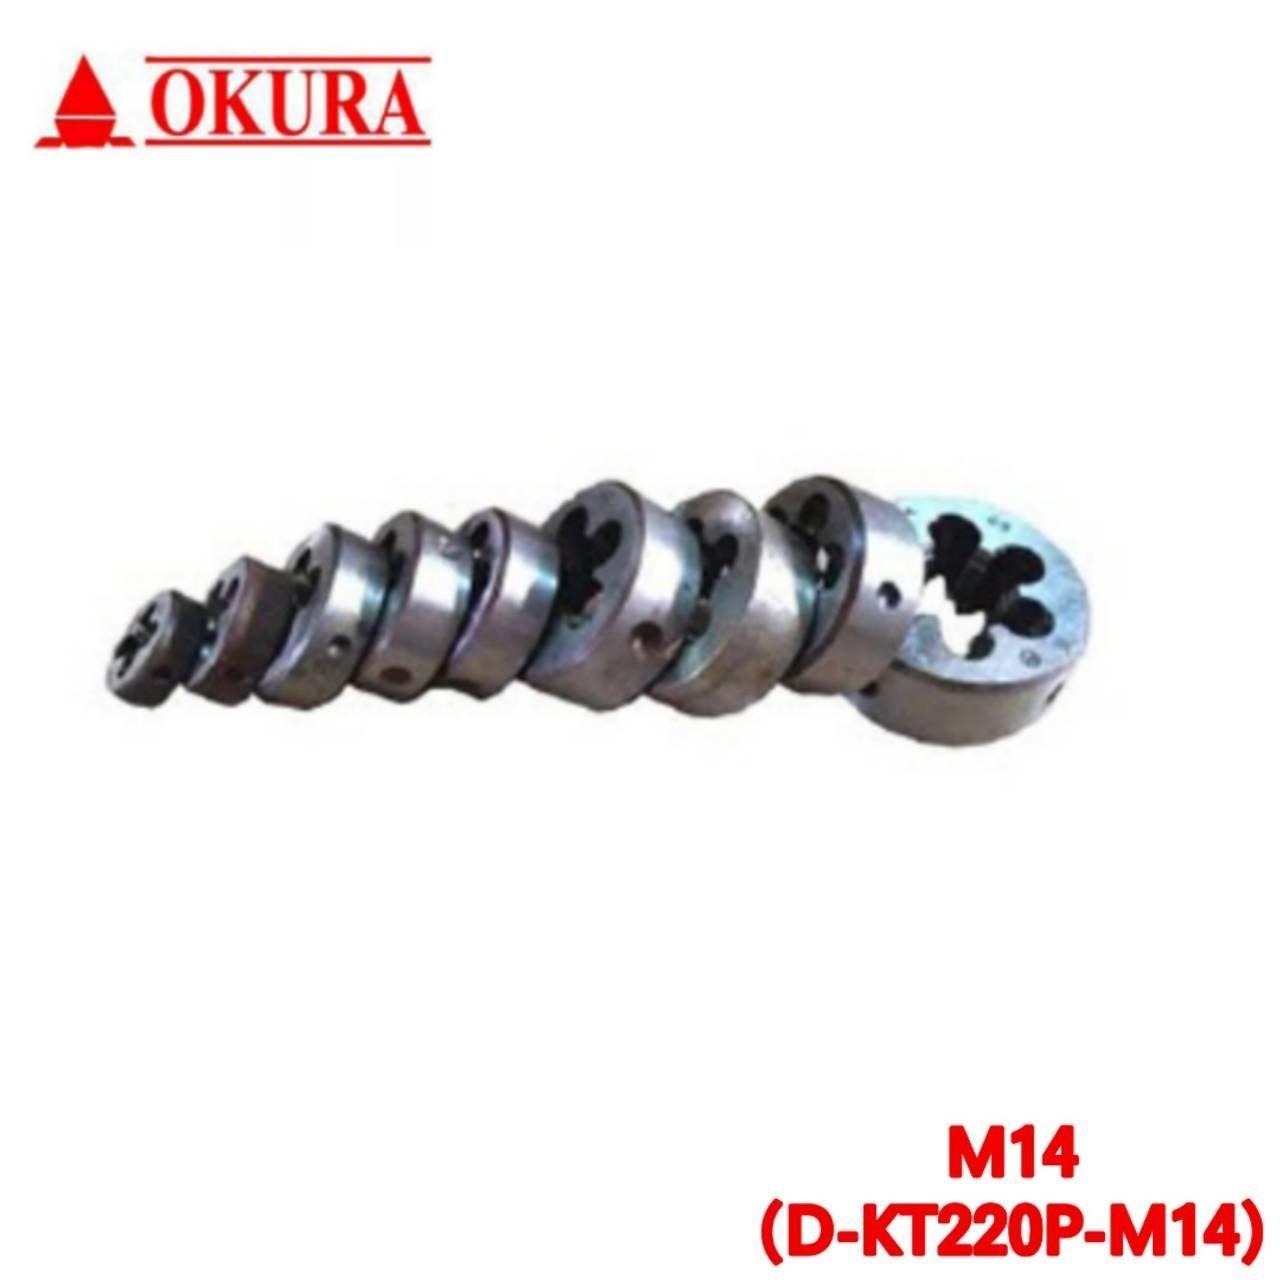 ไดต๊าปเกลียวน๊อต M14 (ใช้กับเครื่องต๊าปเกลียวน๊อต OKURA KT-220P)